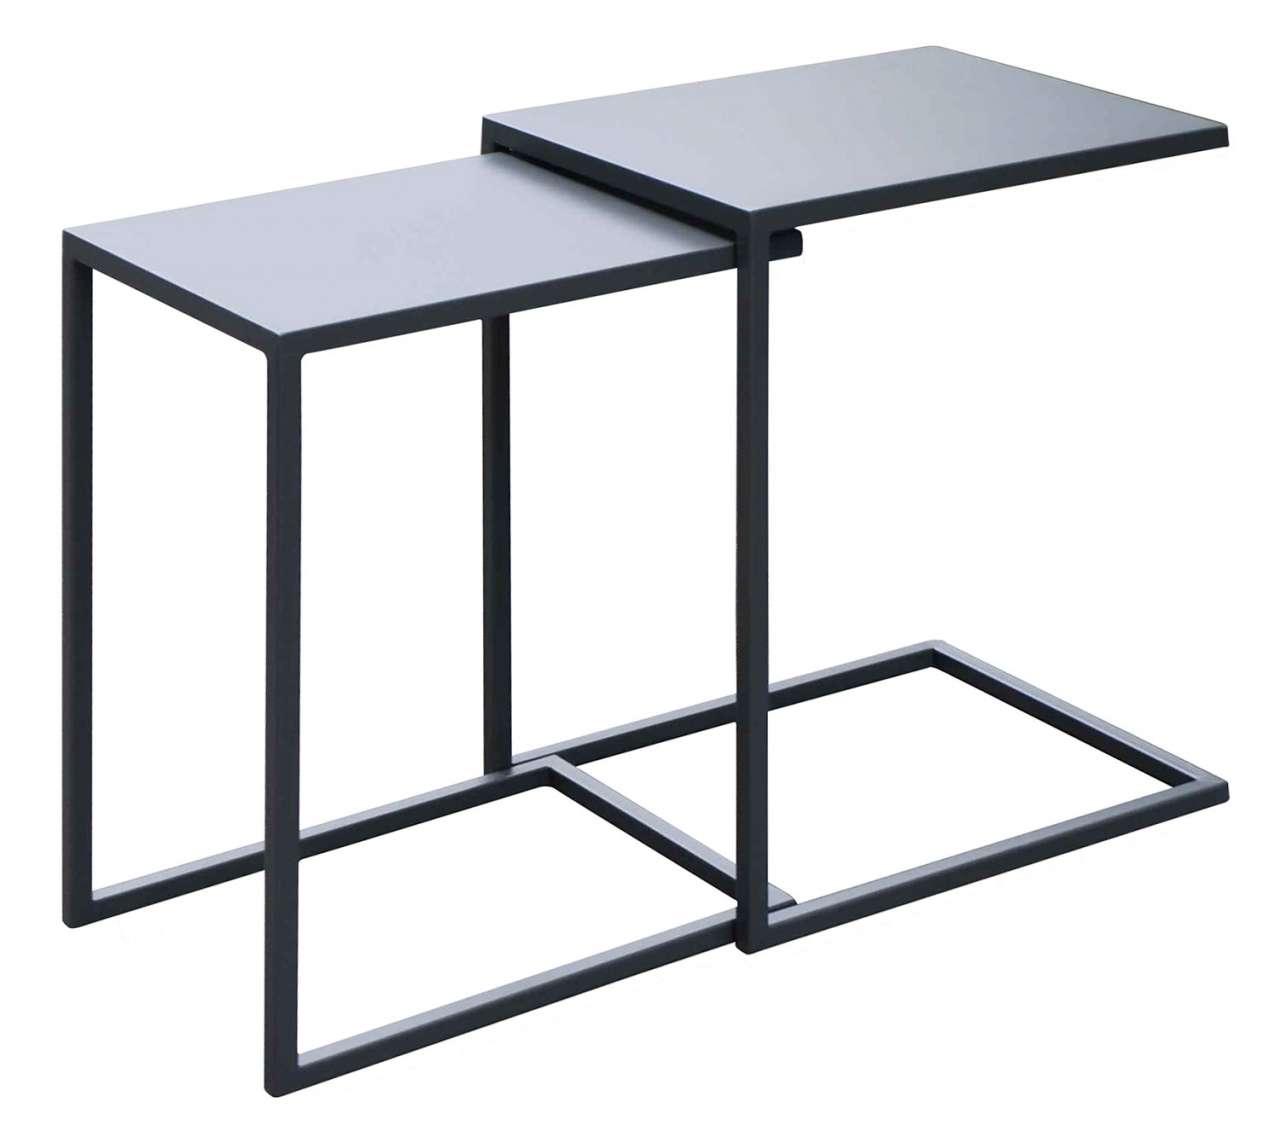 moebel-jack.de Garten-Beistelltisch, 2-tlg. Grau, Aluminium, Universal